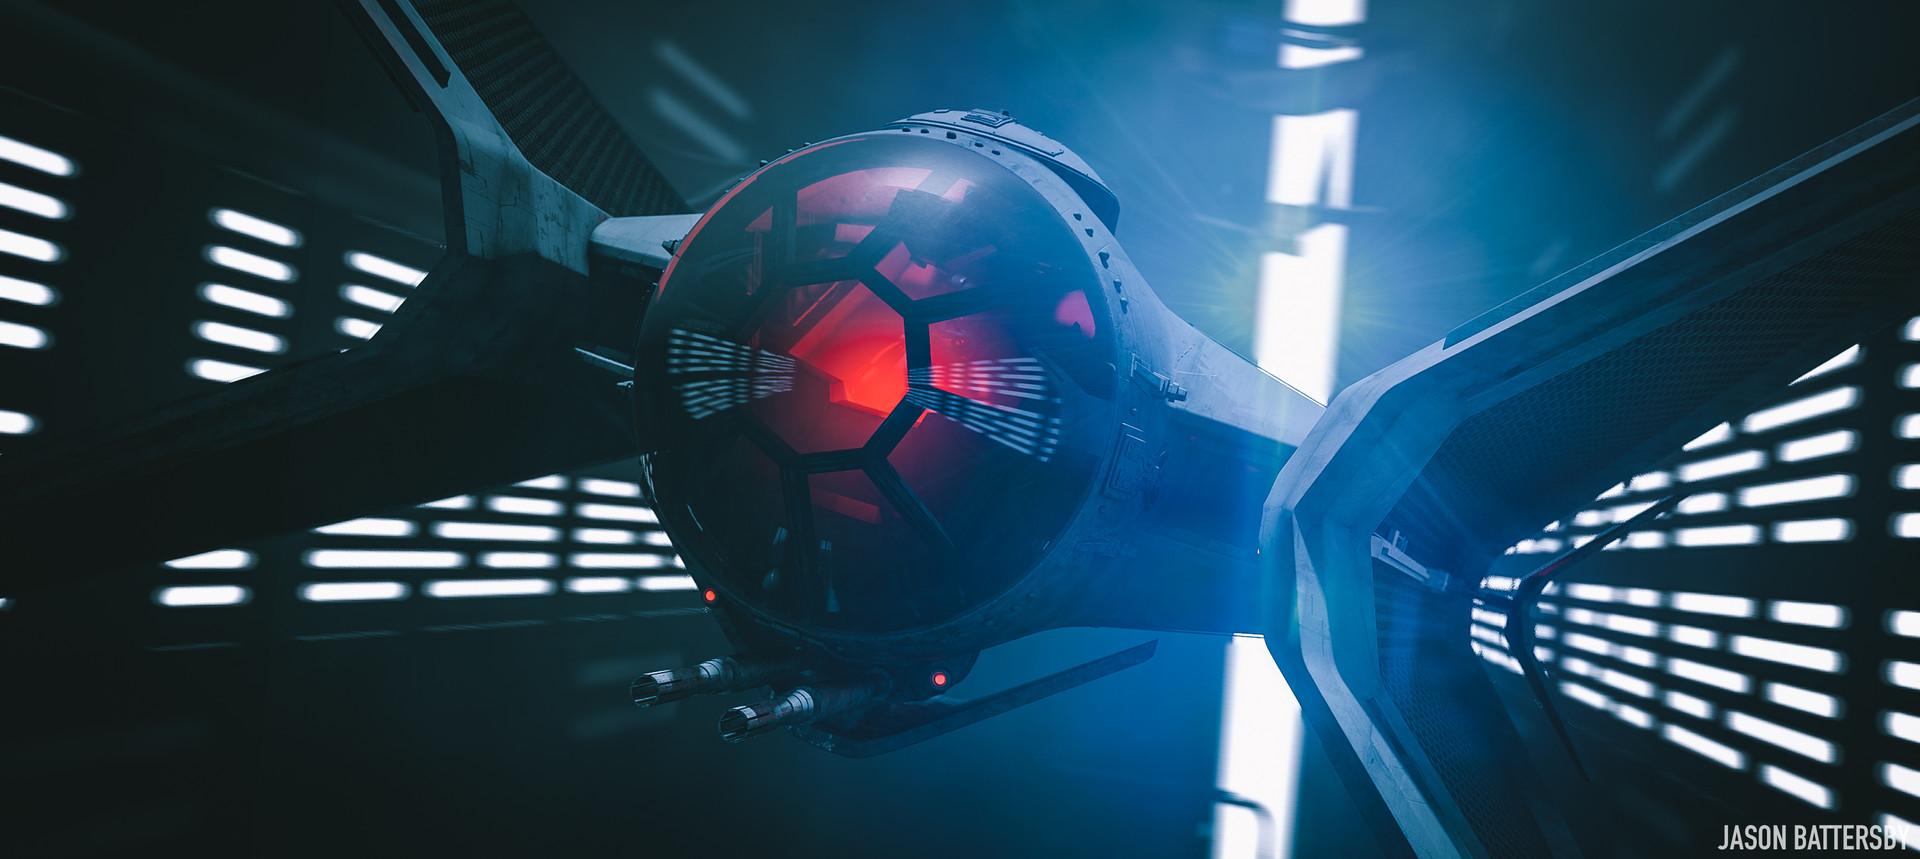 The 3d Star Wars Art Of Jason Battersby 3d Artist